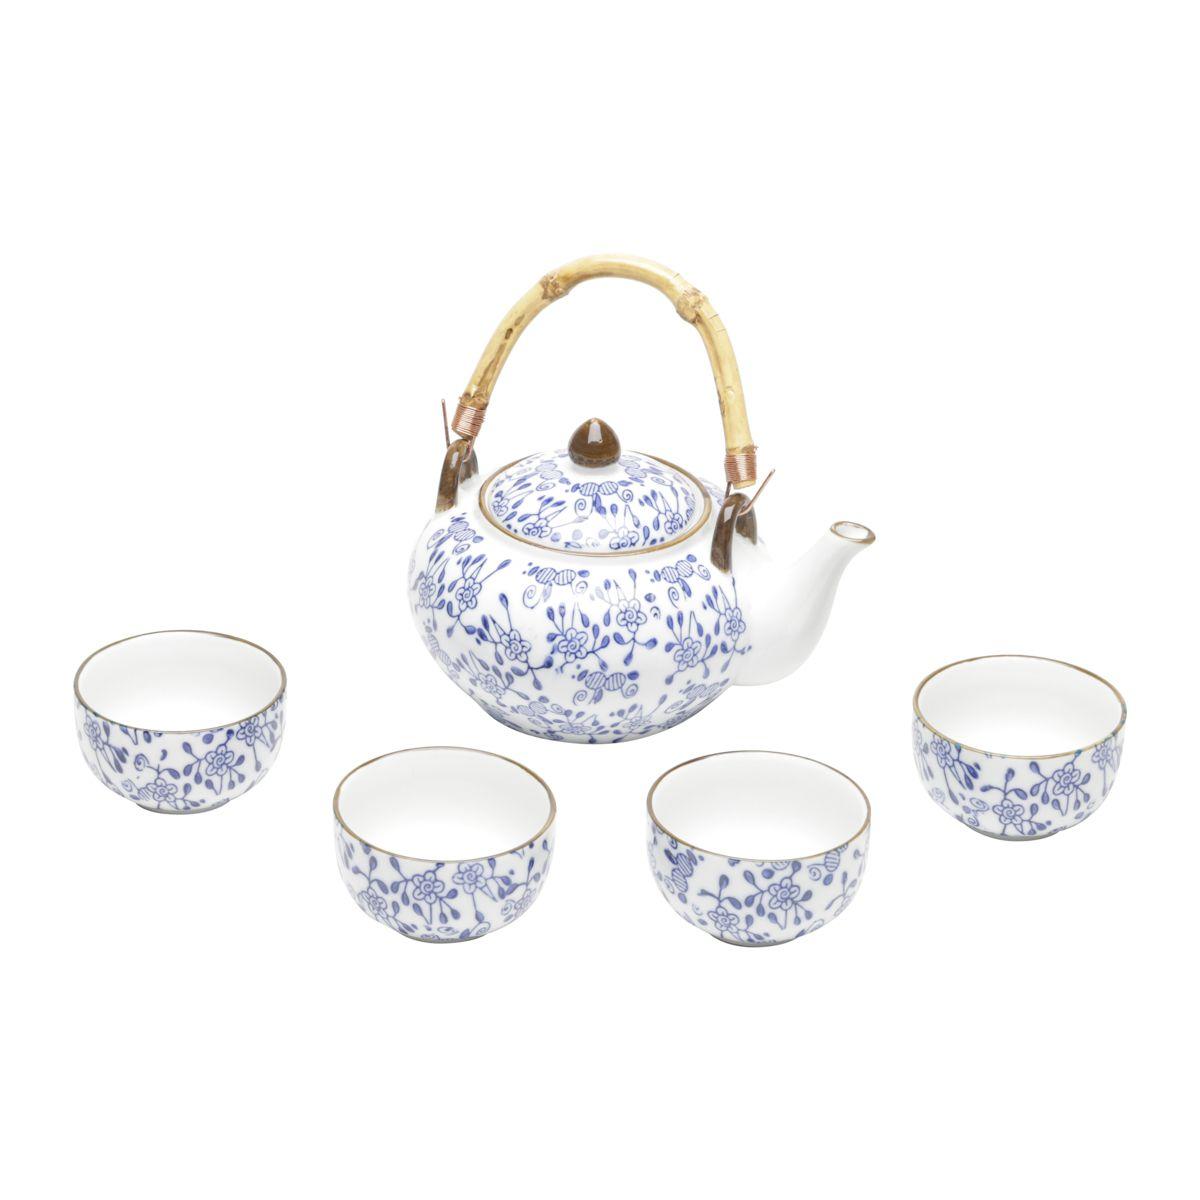 Jogo de Chá 5 peças de Porcelana Munique Azul